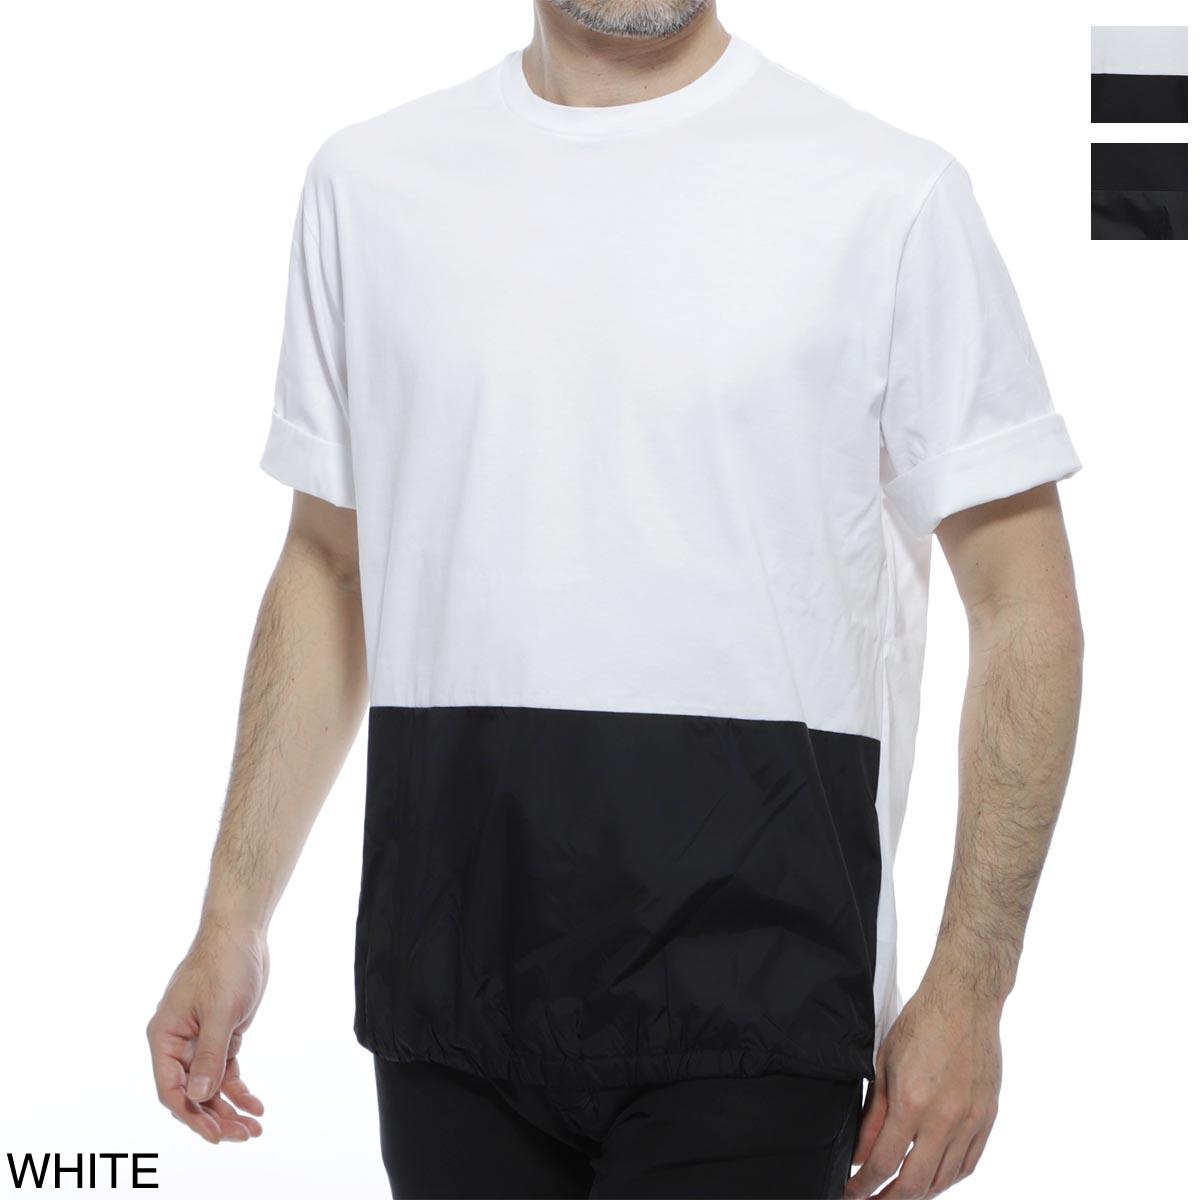 ニールバレット NeIL BarreTT クルーネック 半袖Tシャツ メンズ デザイン Tシャツ ナイロン pbjt672c n543s 526 Fit Men's Easy フィット メンズ イージー【あす楽対応_関東】【返品送料無料】【ラッピング無料】